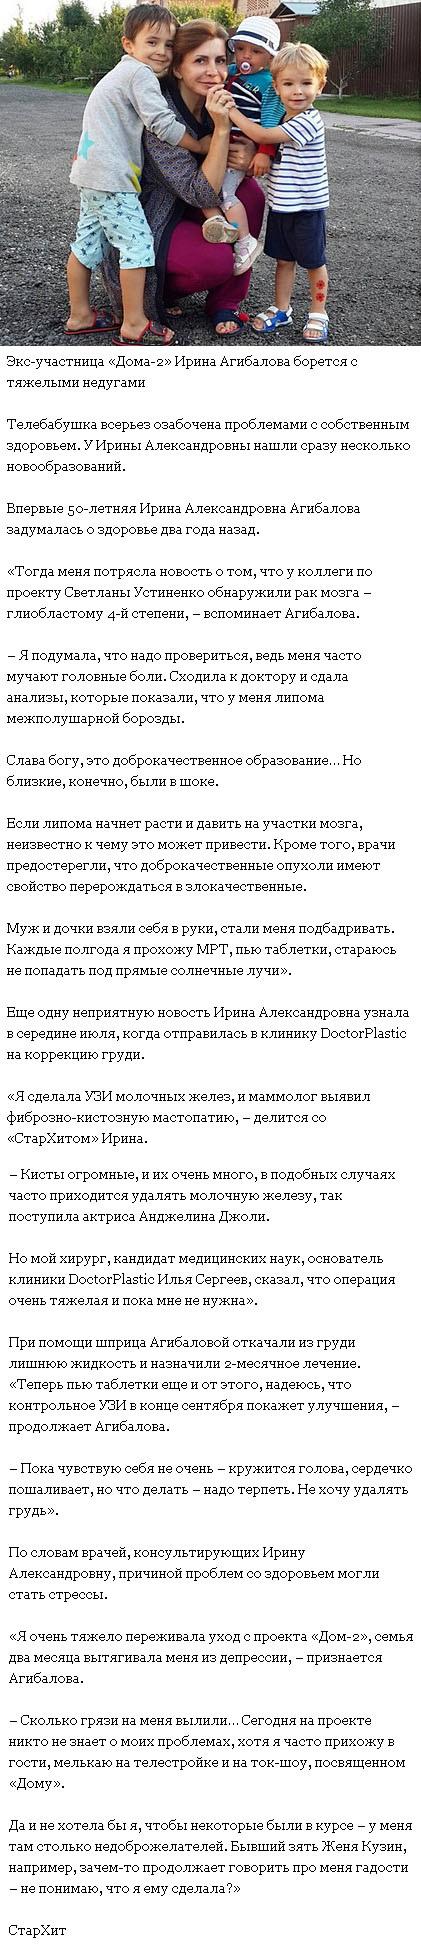 У Ирины Александровны диагностирована опухоль головного мозга